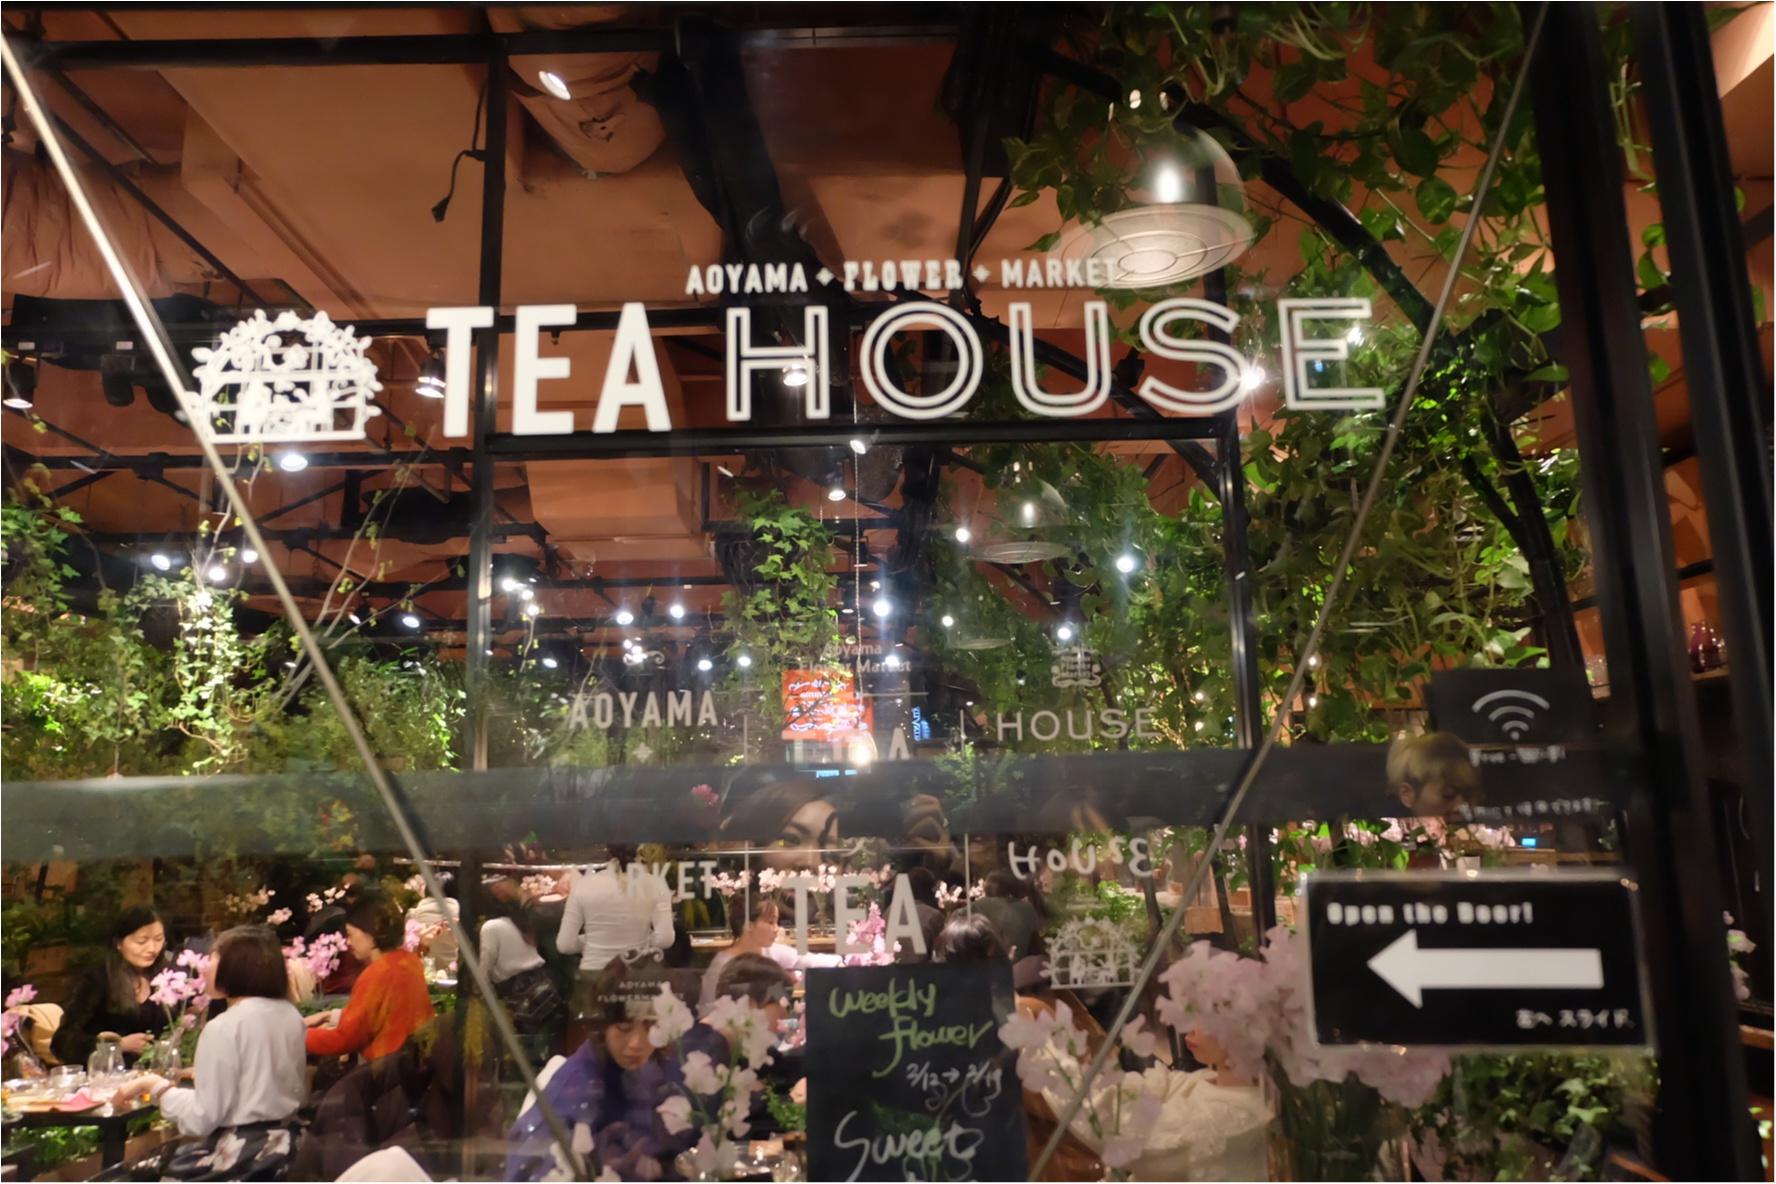 【ご当地MORE♡東京】AOYAMA FLOWER MARKET TEA HOUSEでお花に囲まれて女子会ができちゃう贅沢スポット♡_2